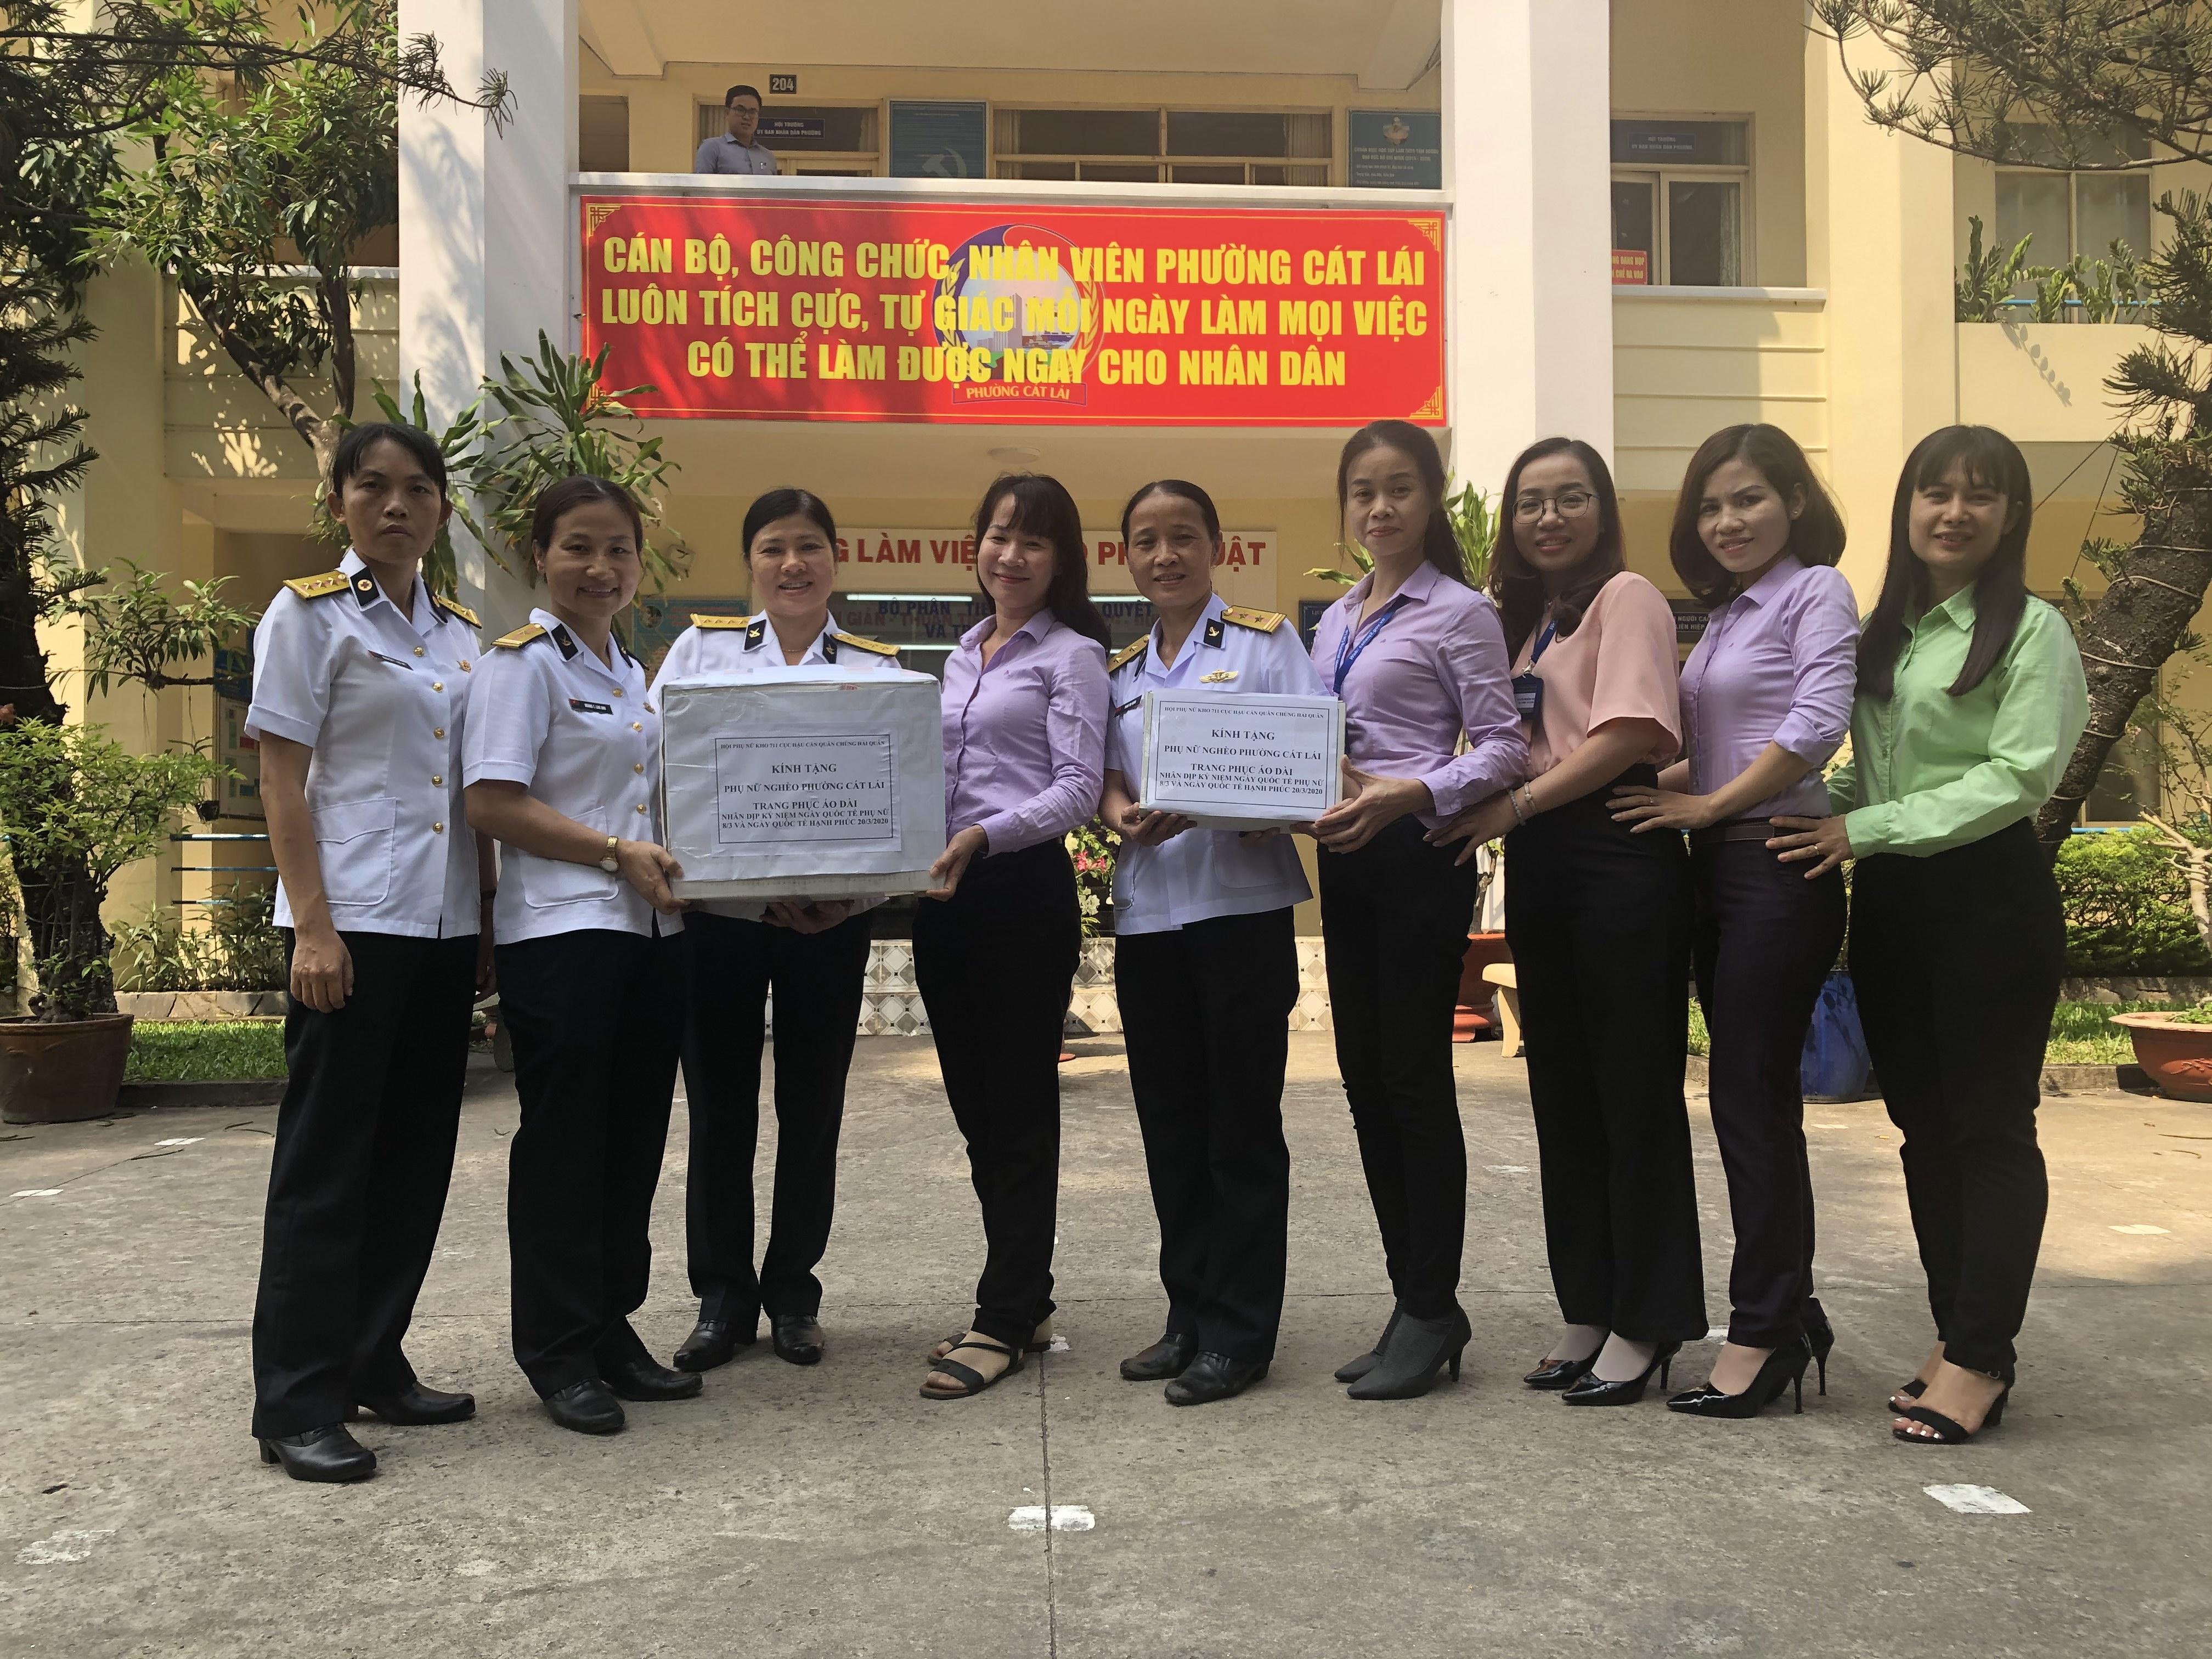 Cán bộ, chiến sĩ nữ Kho 711, Cục Hậu cần Quân chủng Hải quân gửi áo dài để Hội LHPN phường Cát Lái, quận 2 tặng lại cho chị em có hoàn cảnh khó khăn trên địa bàn.